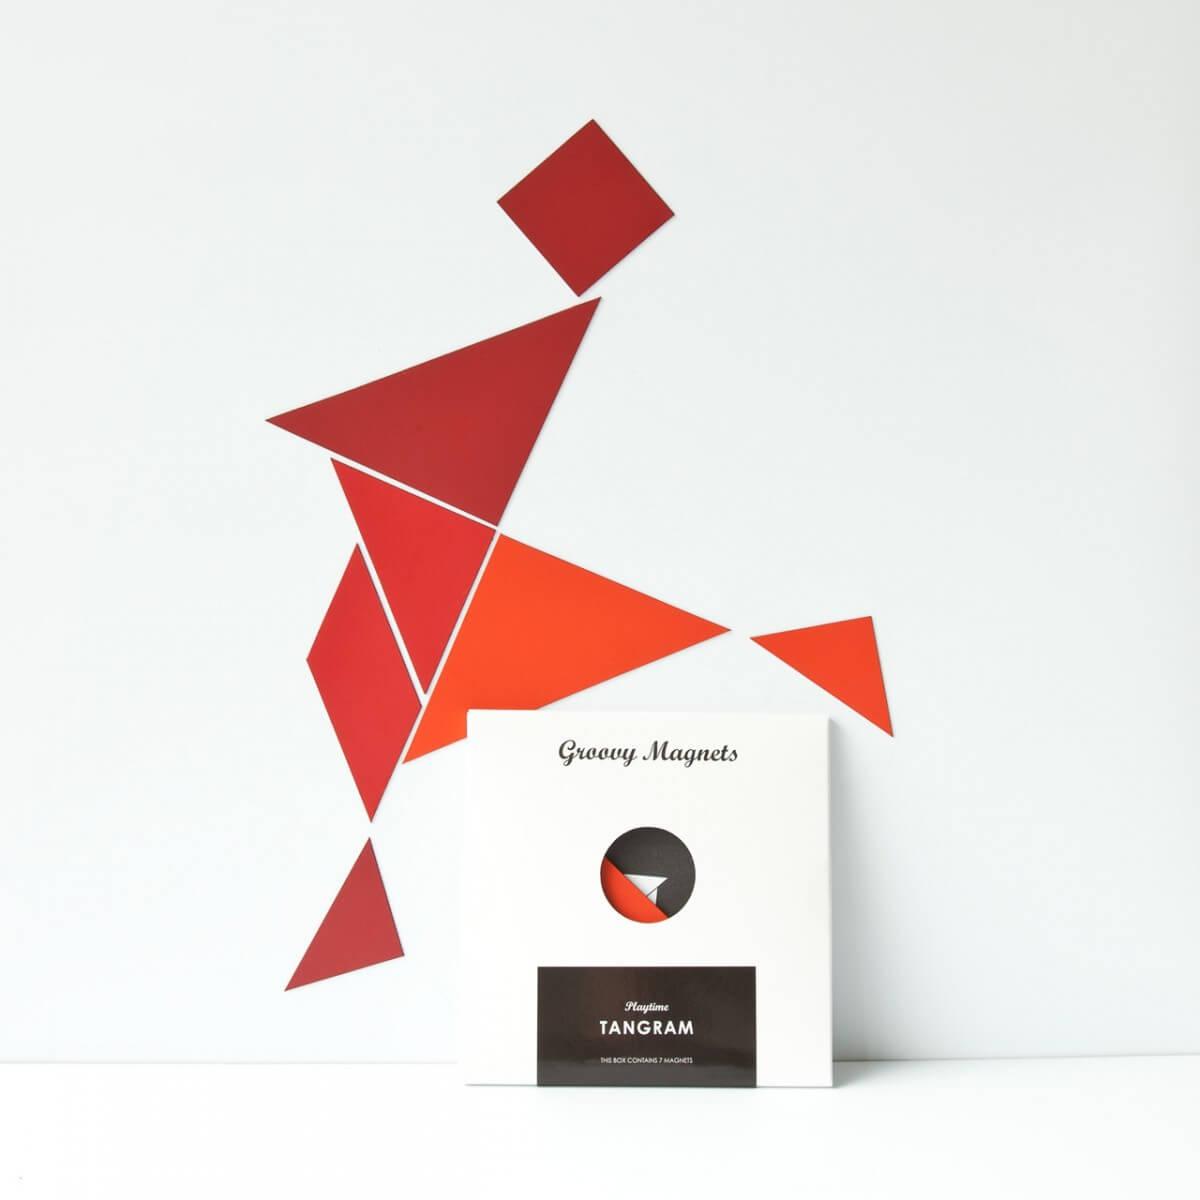 Tangram Lapin - Primanyc à Tangram Lapin